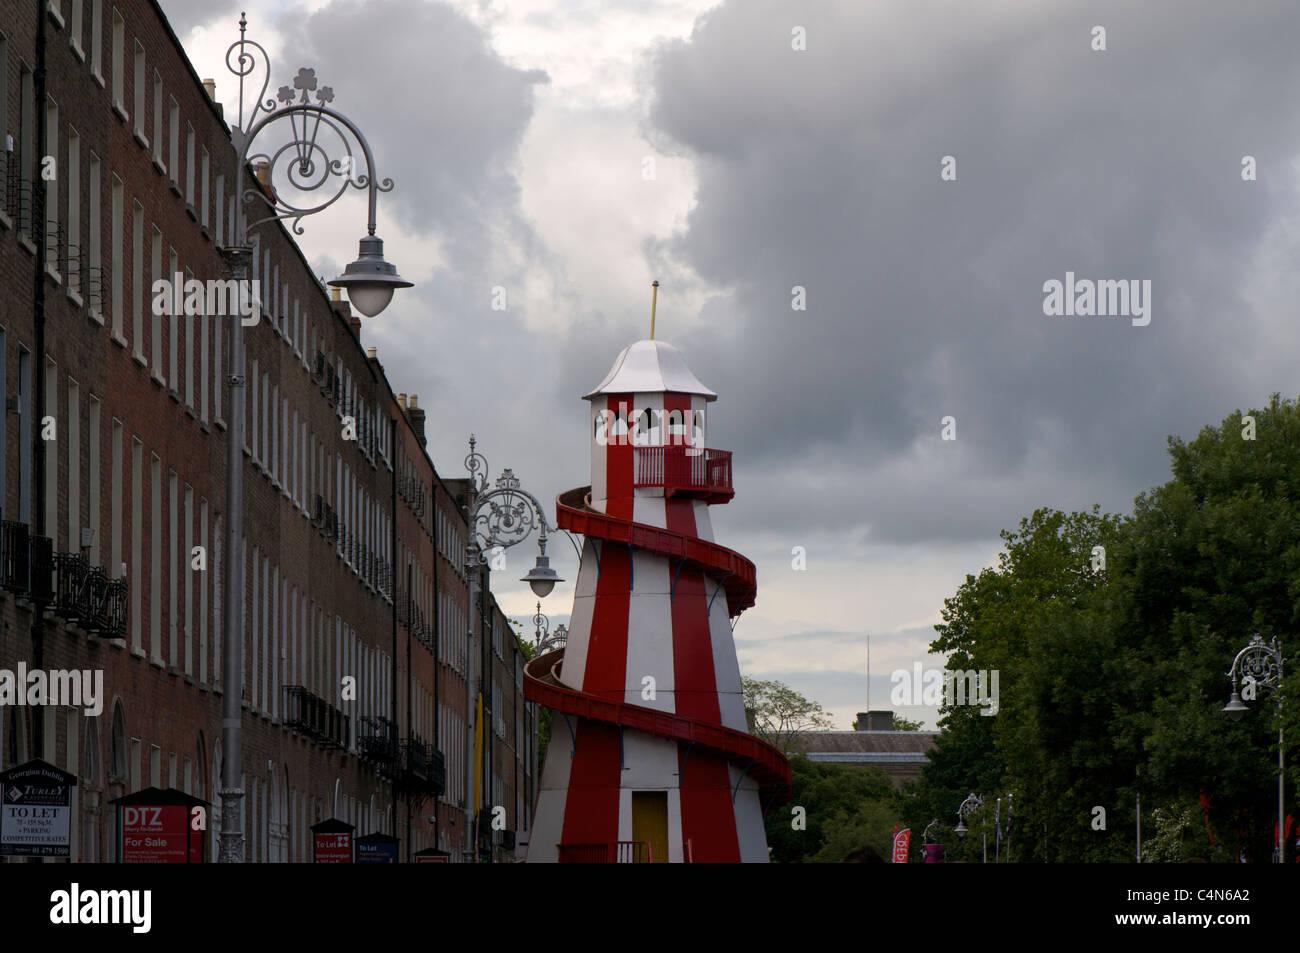 carnival slide in merrion square stock photo 37345338 alamy